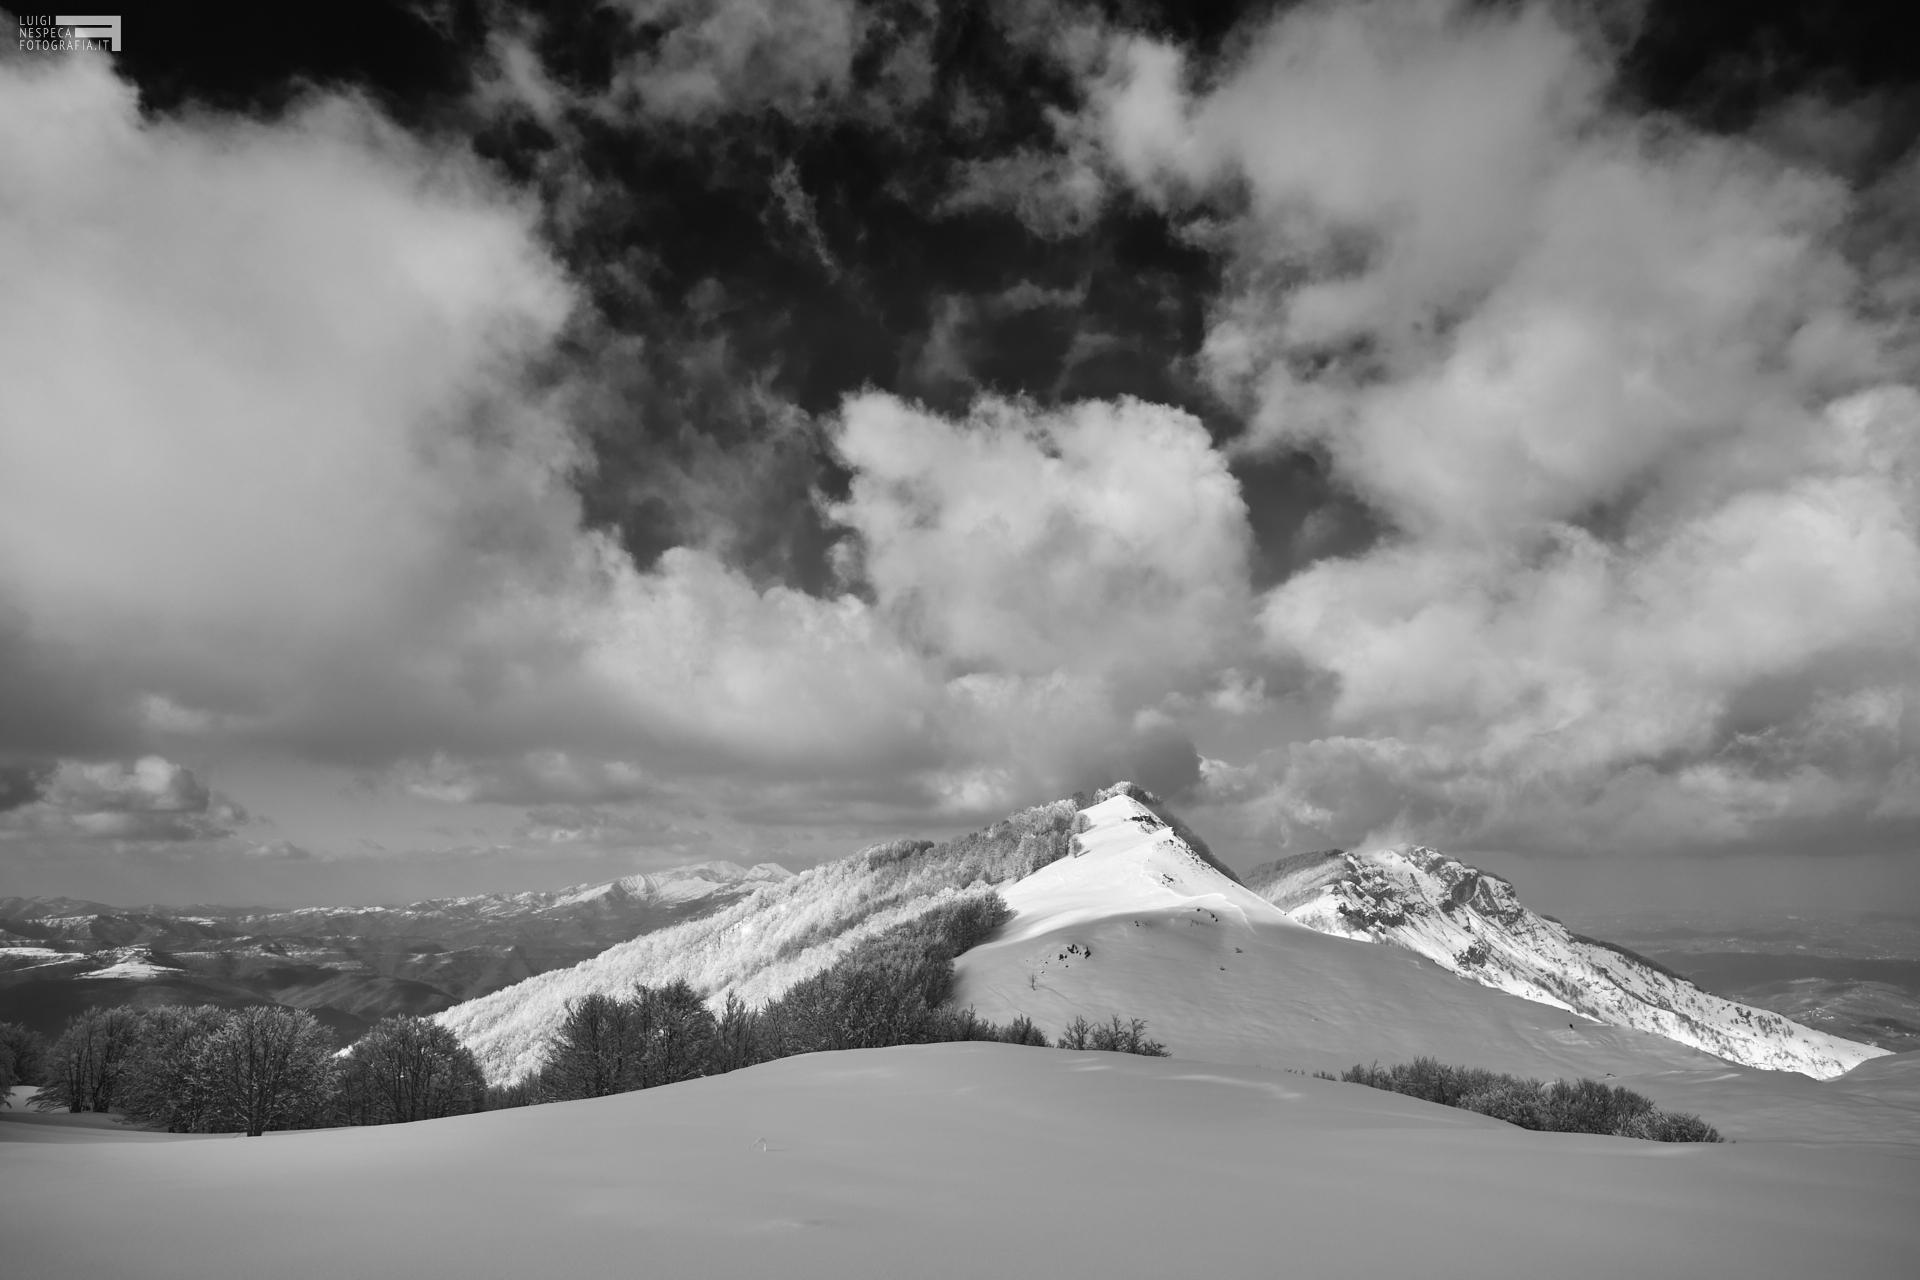 6 - Piano del laghetto, Cima Alta e il Montagnone - Marzo '21